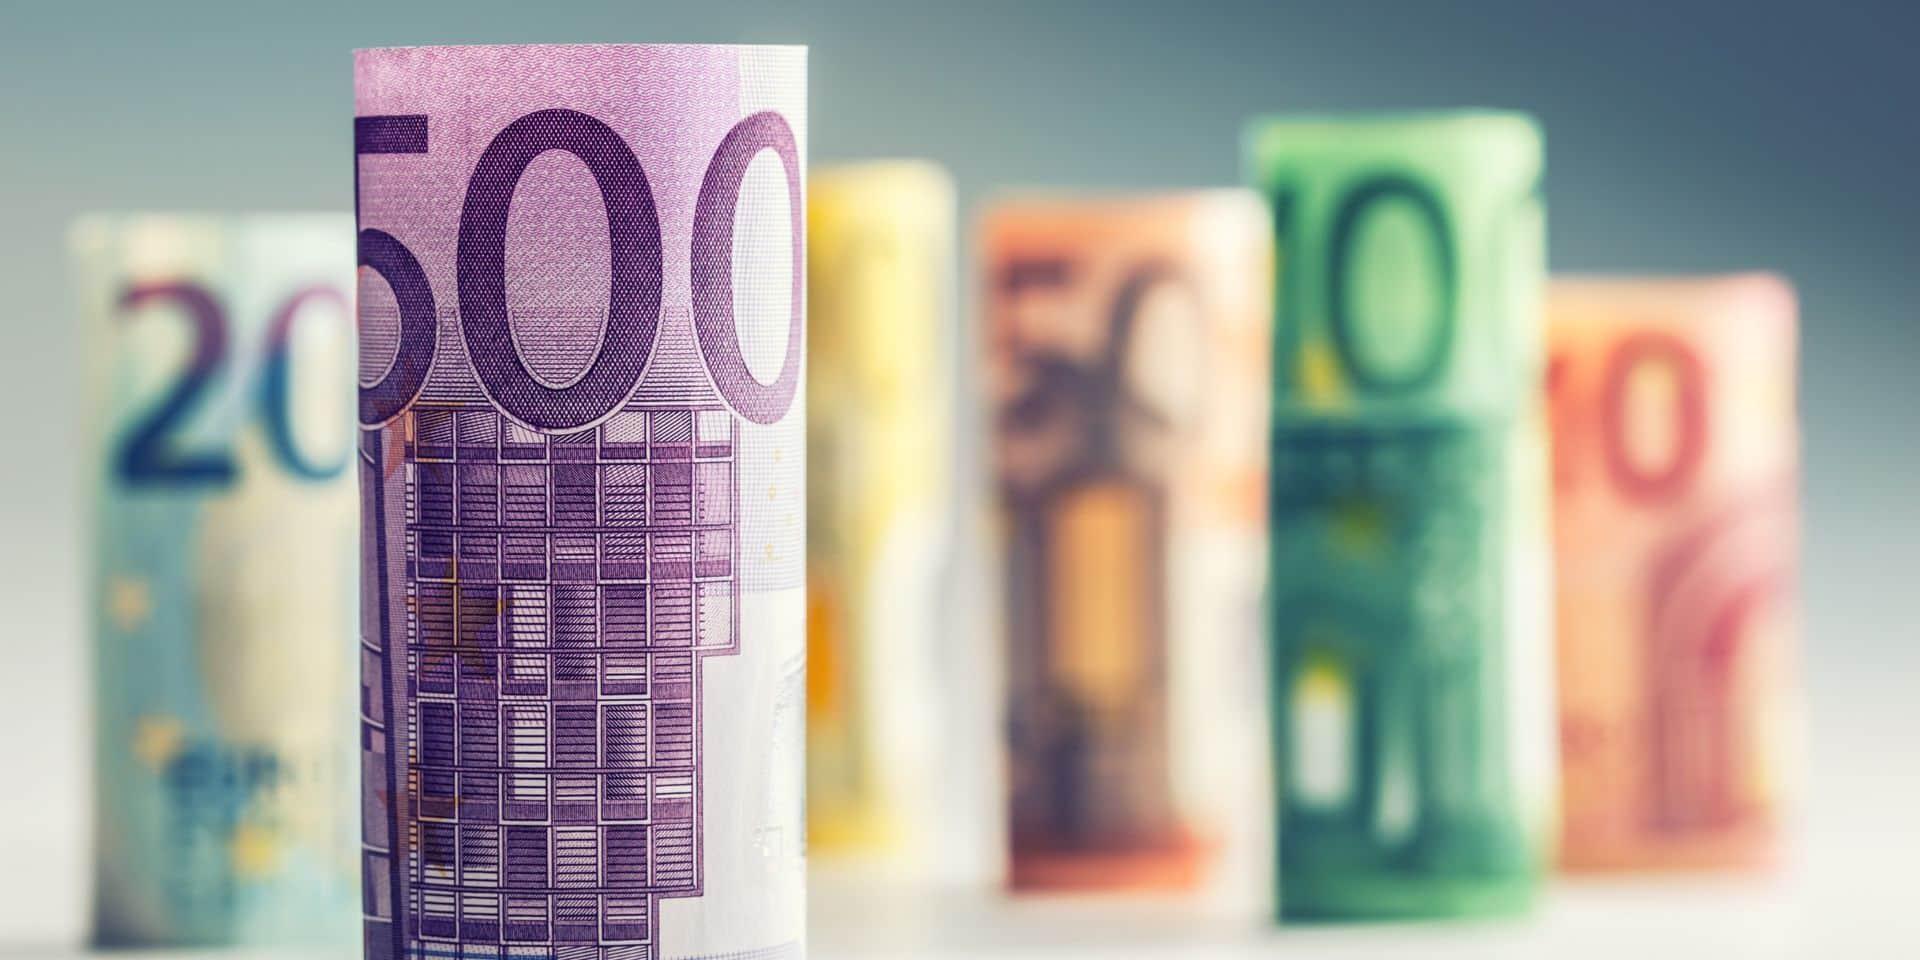 Les Belges cumulent près de 300 milliards d'euros sur leurs comptes épargne